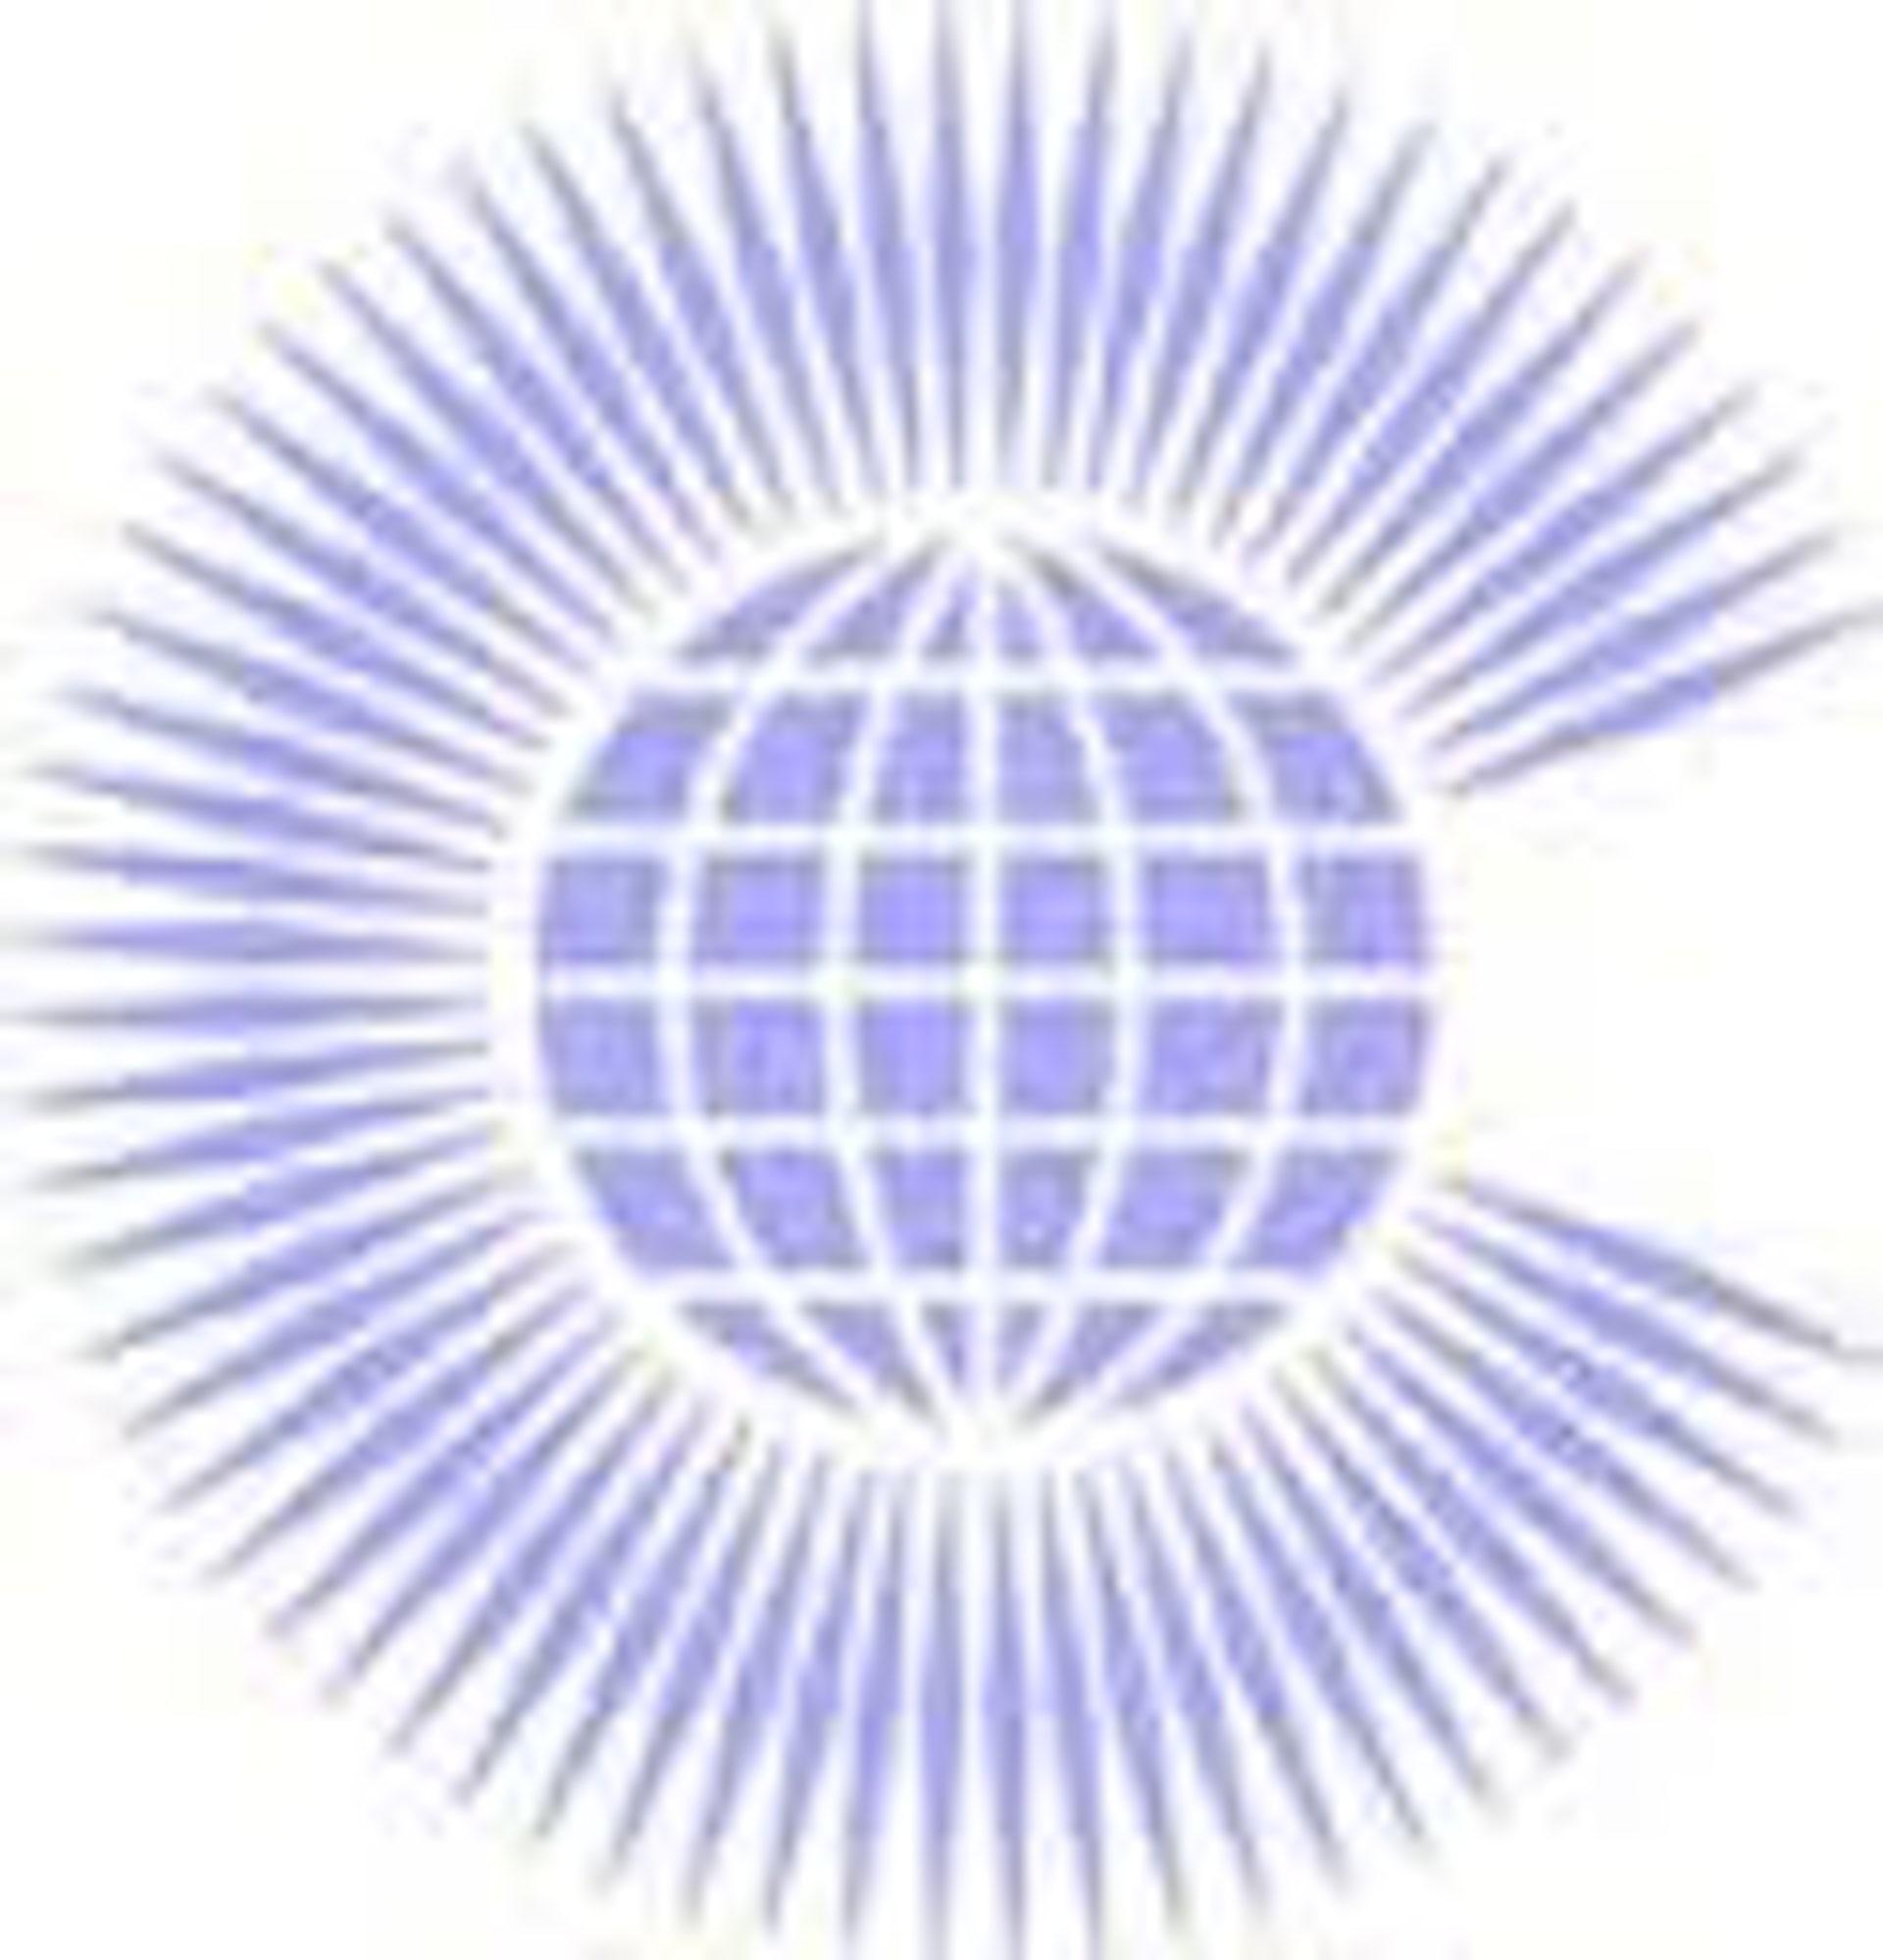 Logo 1471954688.jpg?ixlib=rb 1.1